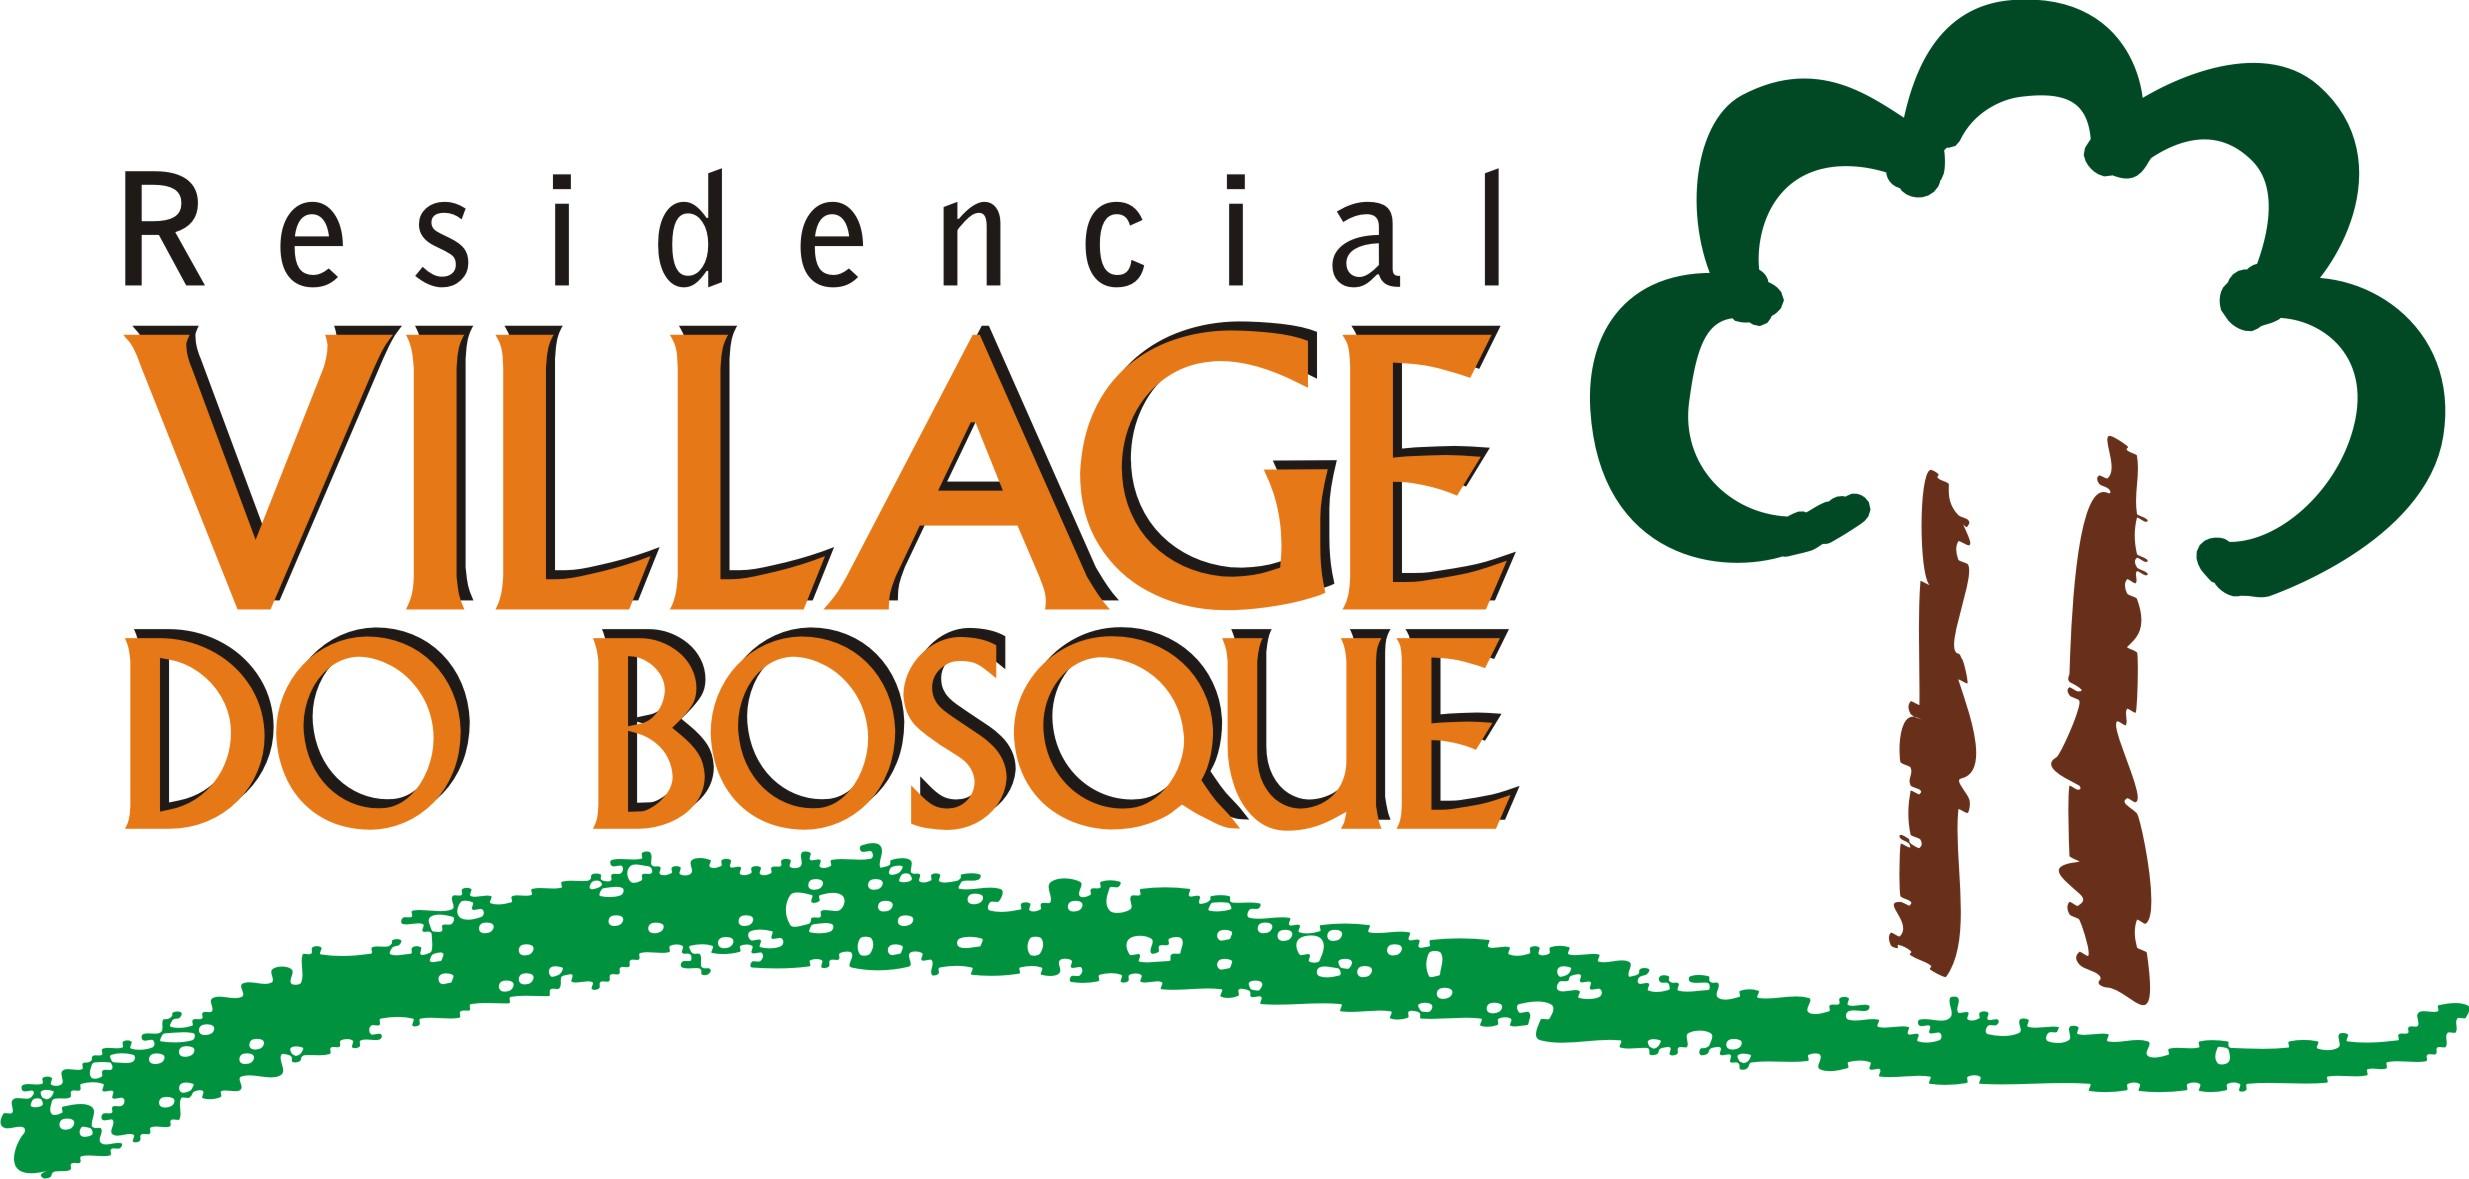 Village do Bosque